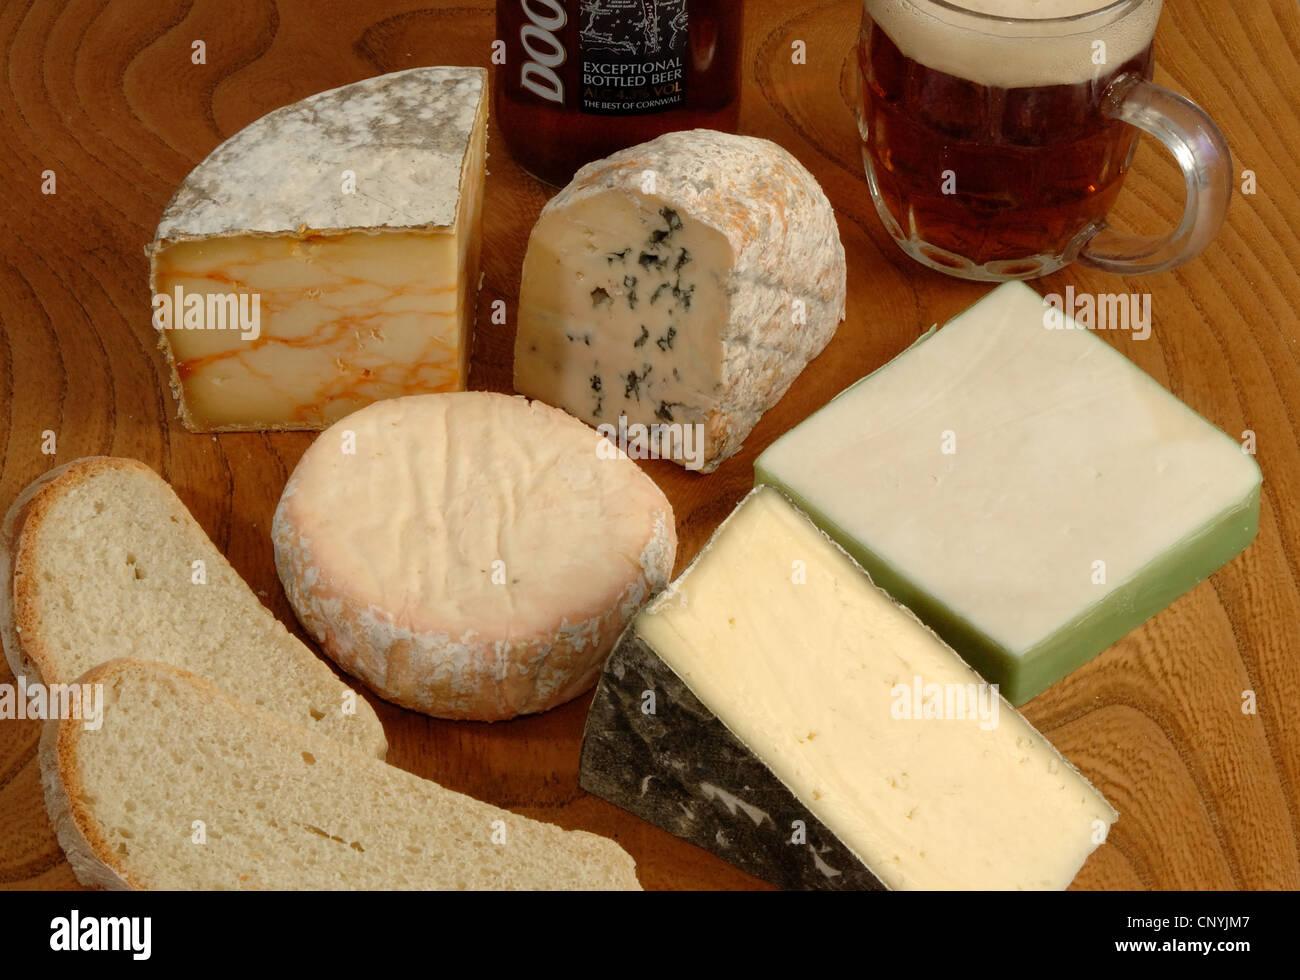 Une sélection de fromages du pays de l'ouest l'ouest de l'Angleterre, Royaume-Uni Photo Stock